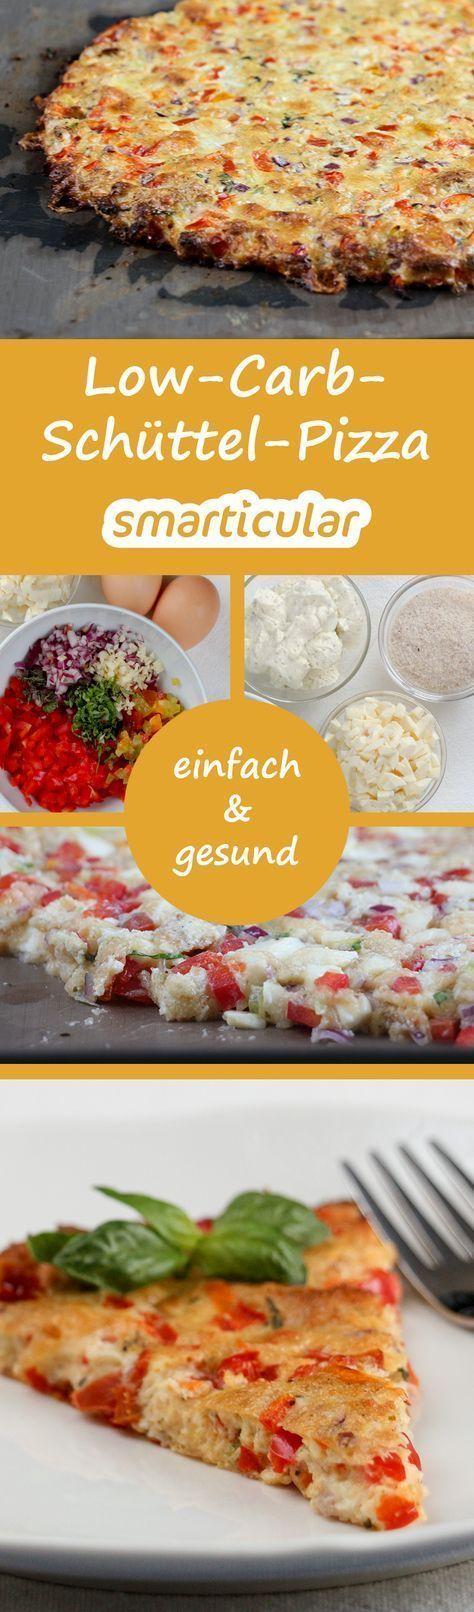 Photo of Schüttelpizza – so schnell hast du noch nie gesunde Pizza gemacht!